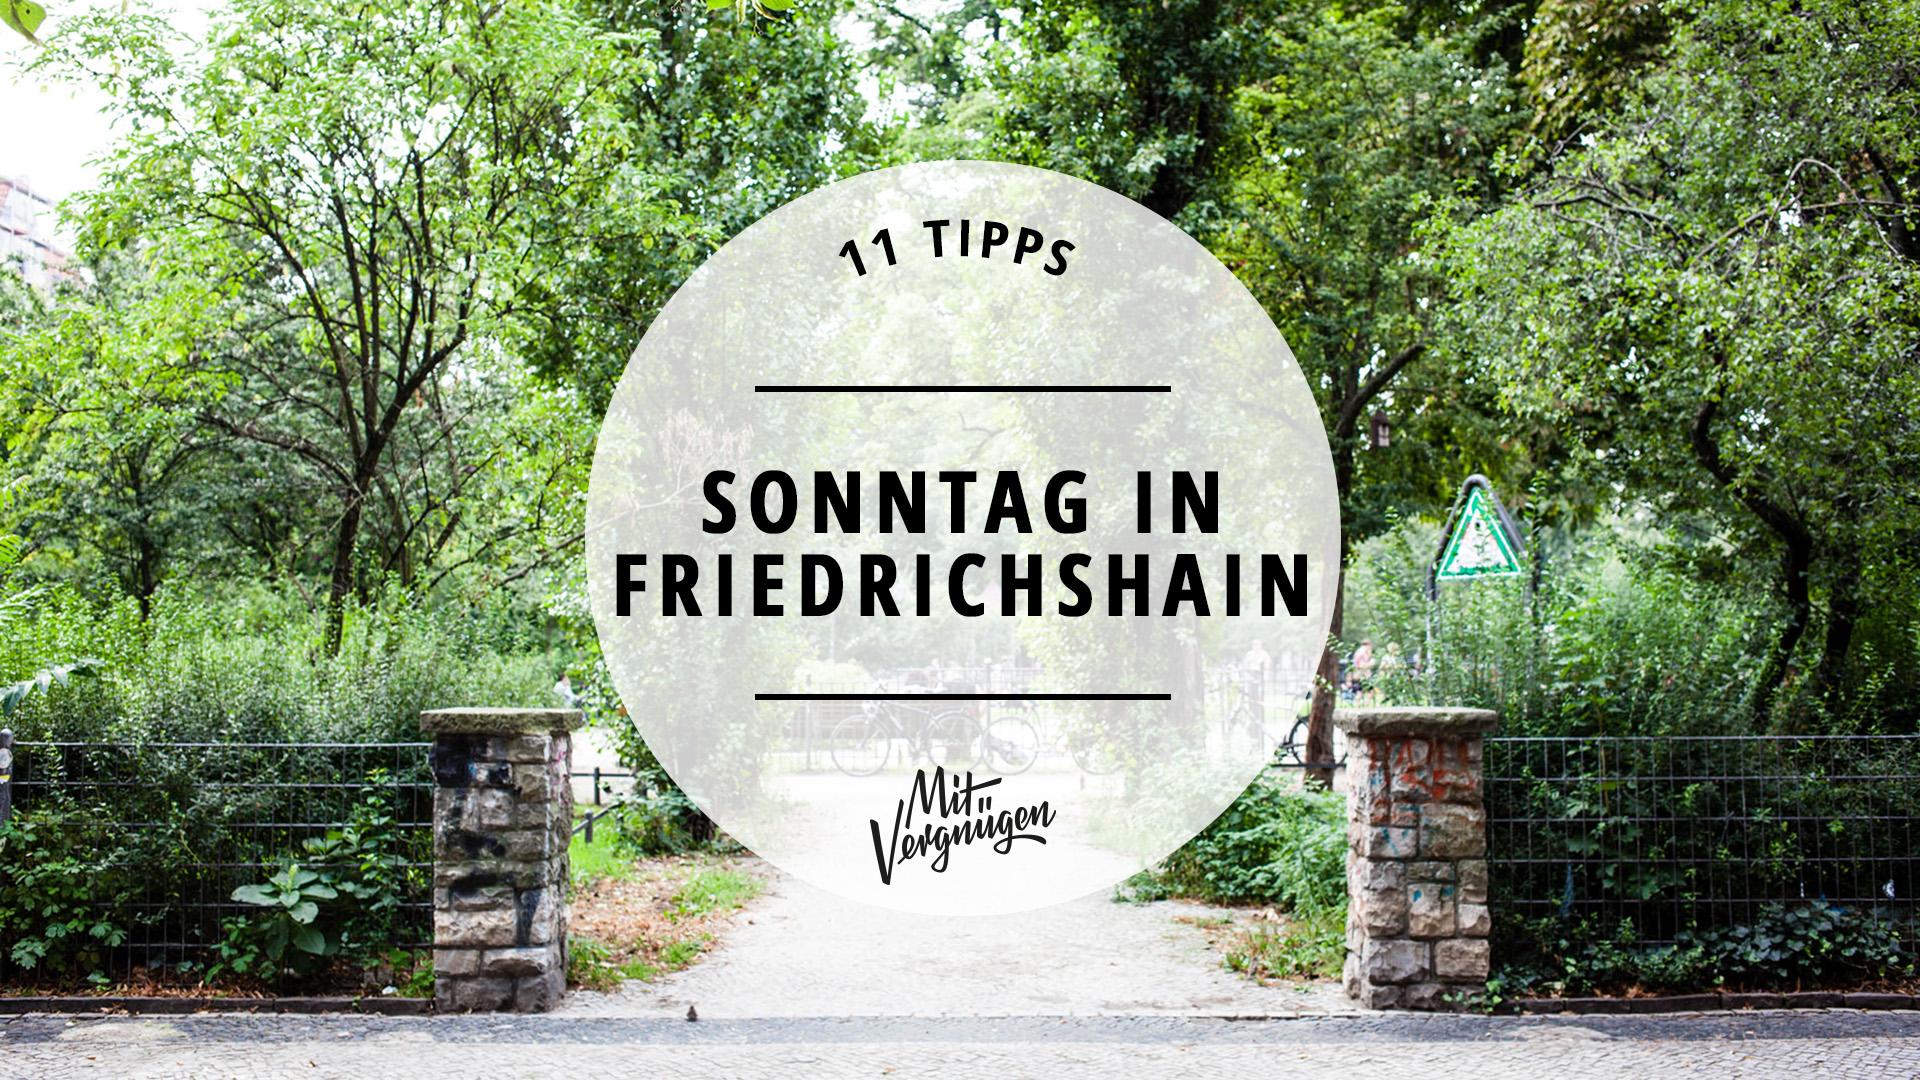 11 tipps f r einen tollen sonntag in friedrichshain mit vergn gen berlin. Black Bedroom Furniture Sets. Home Design Ideas